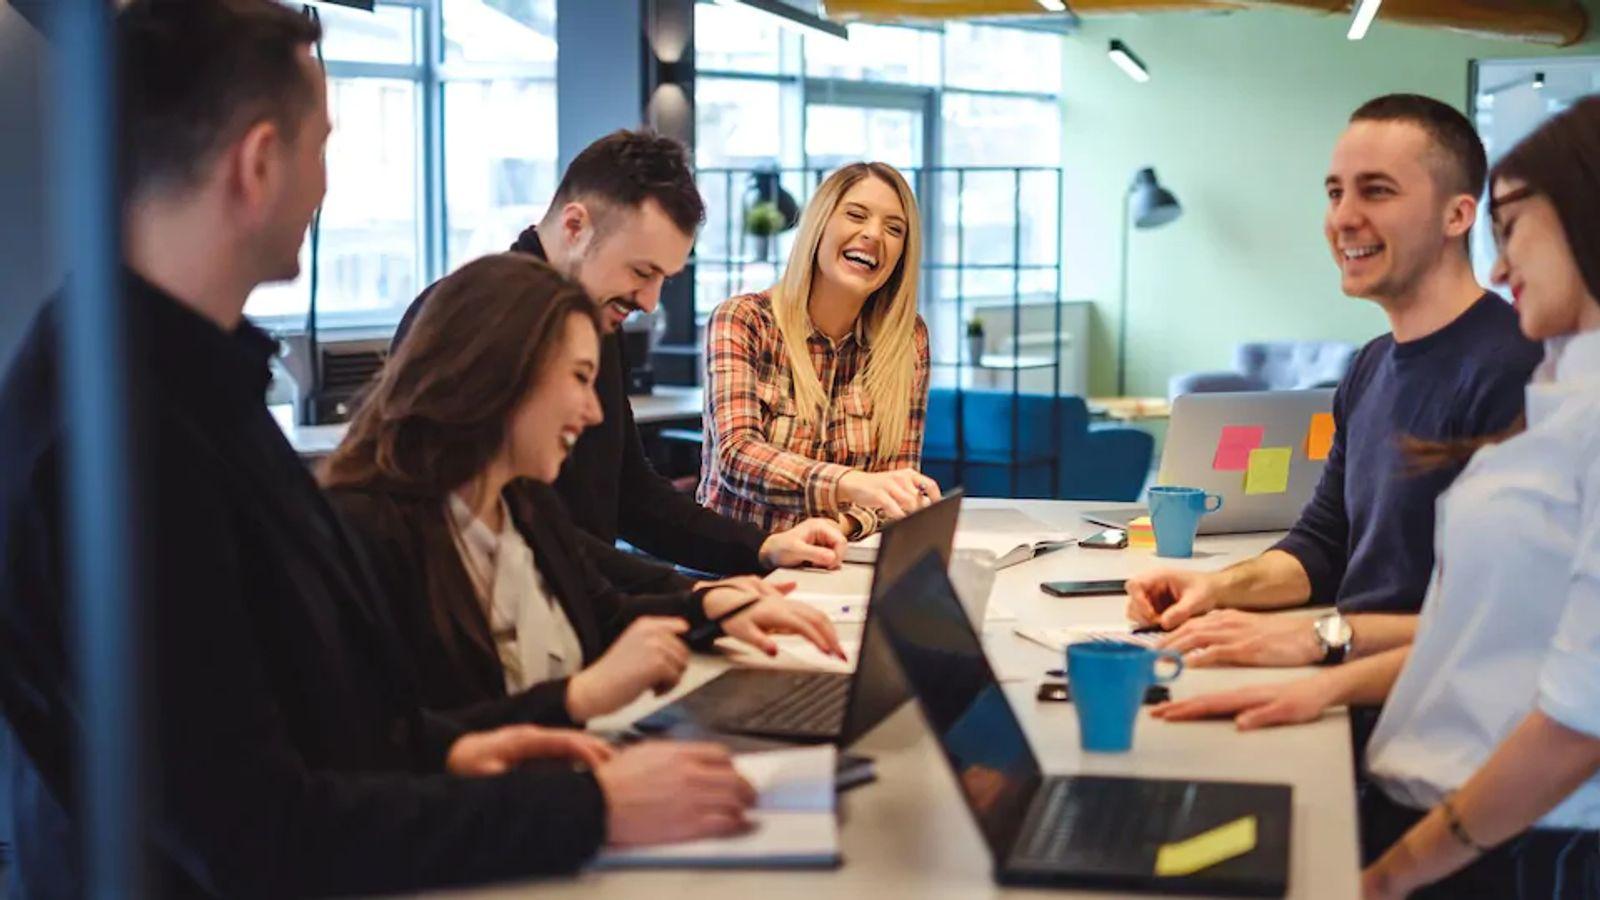 Dynamiser ses réunions et relations en interne avec la communication positive